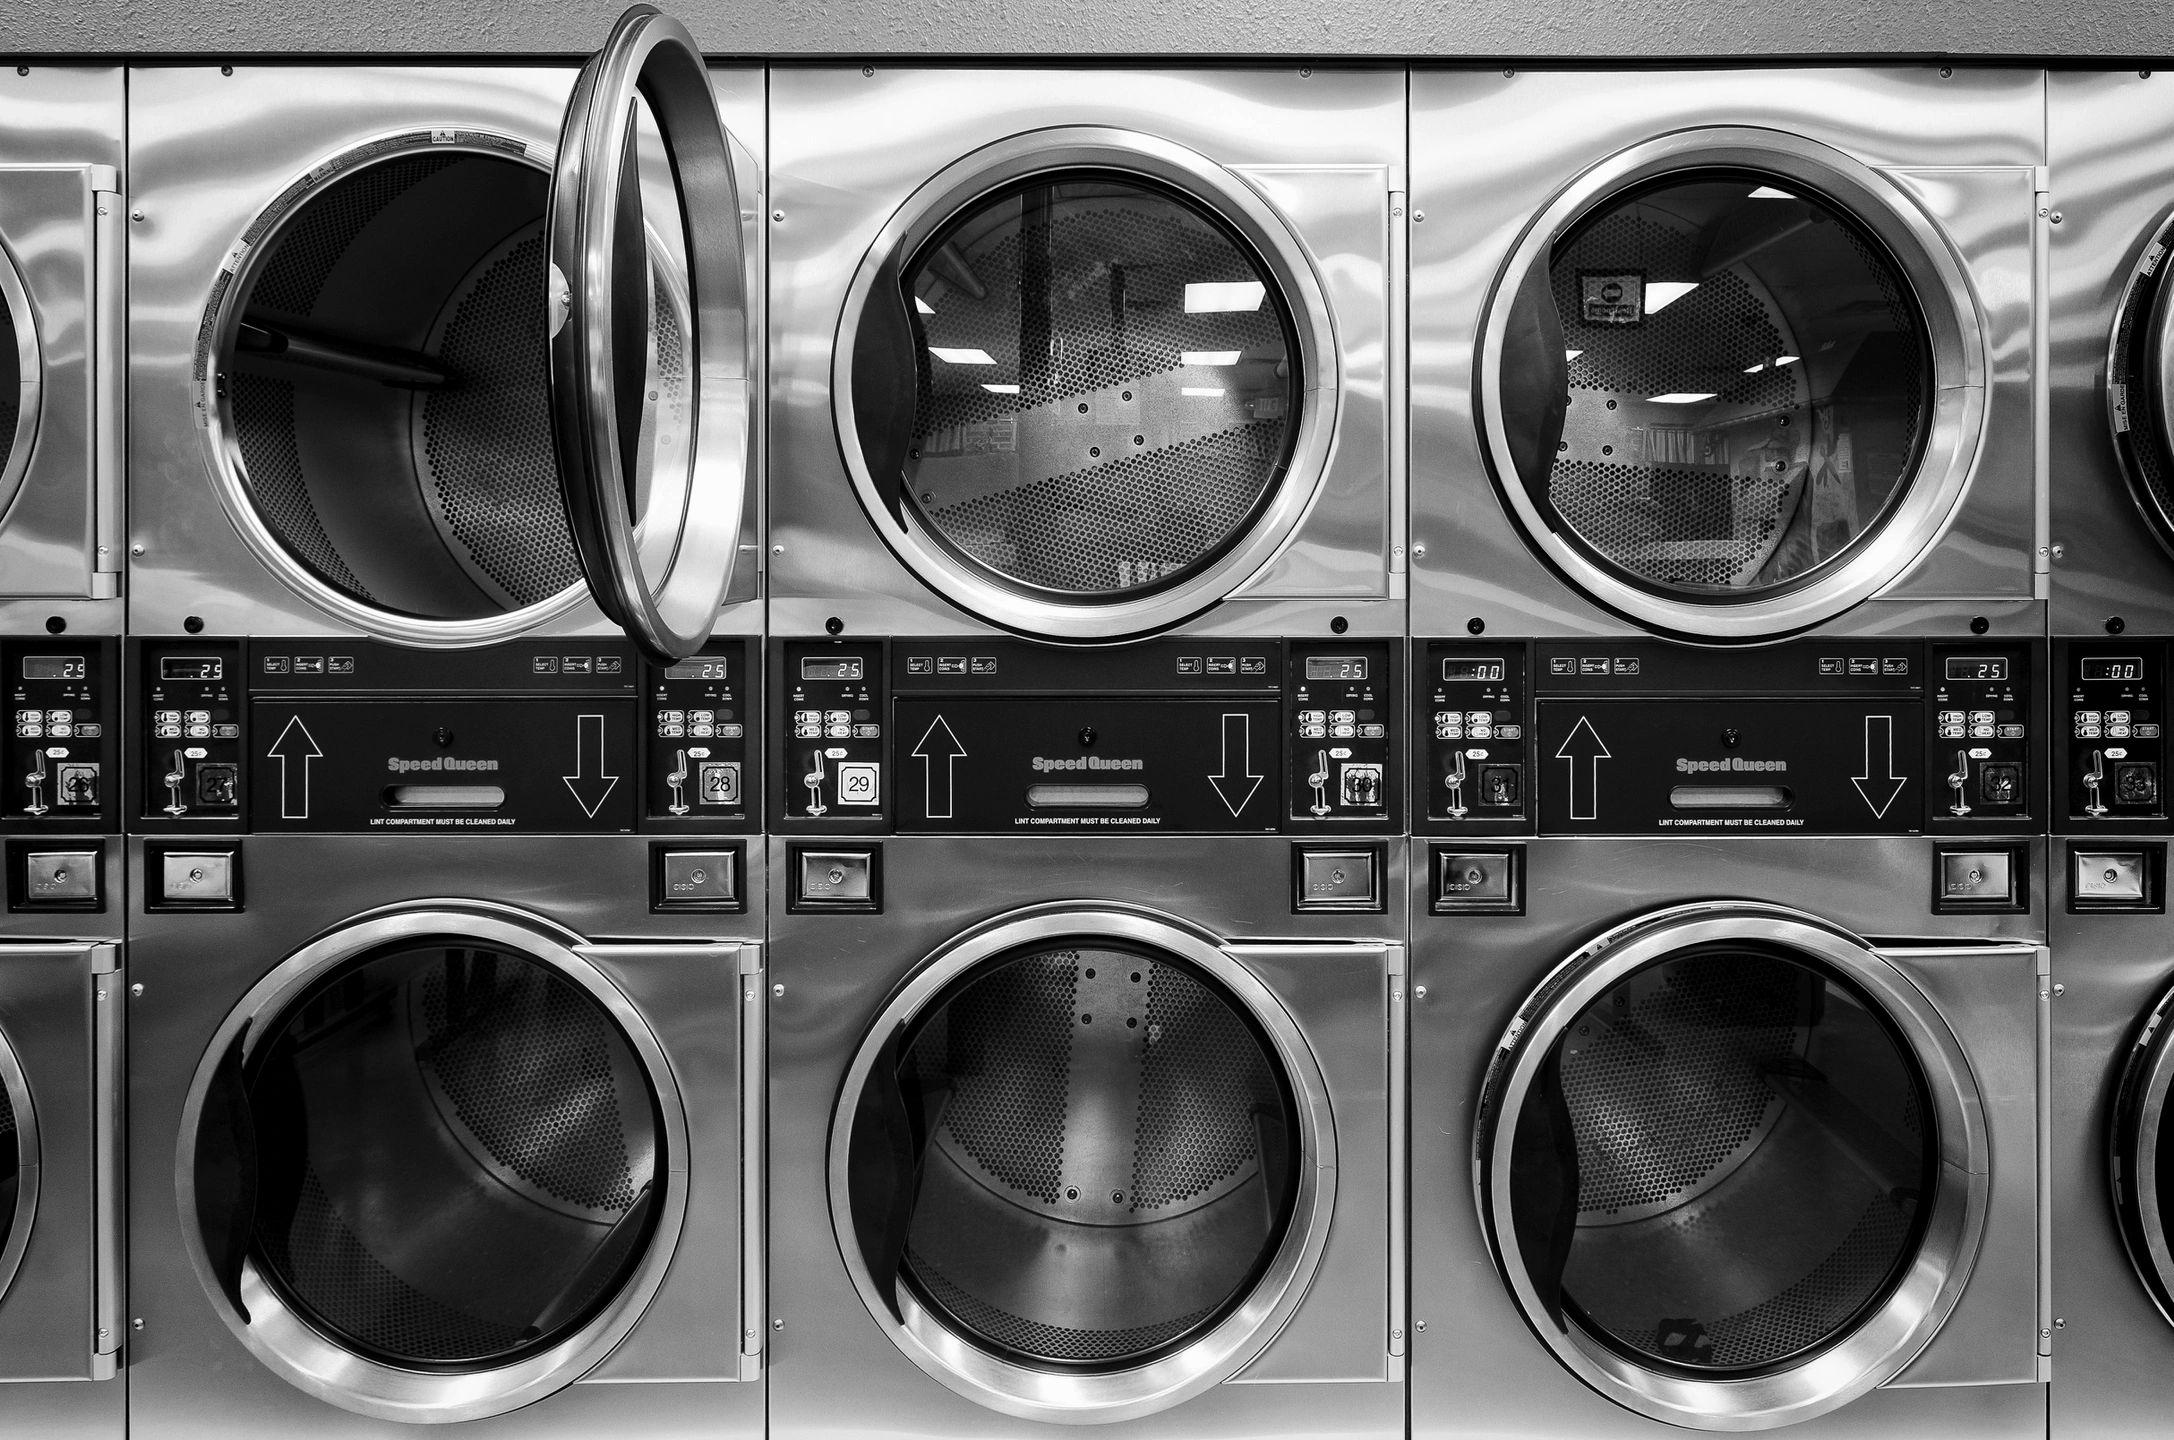 Front Range Laundry